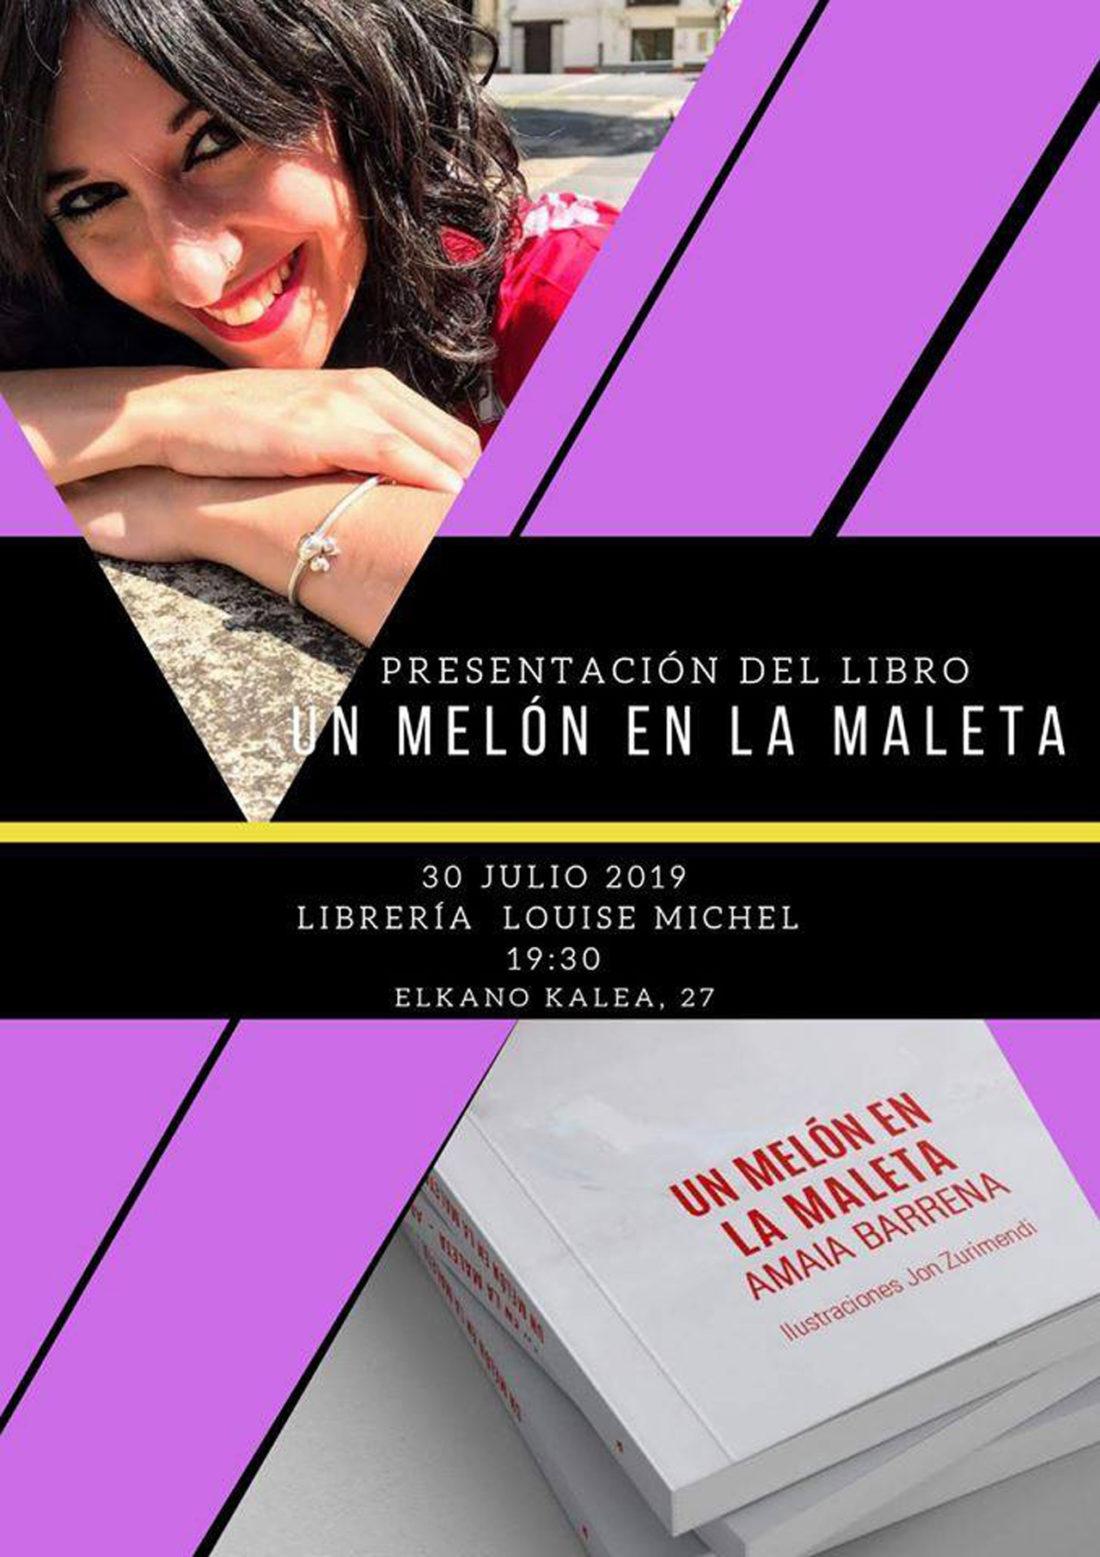 """Presentación de """"Un melón en la maleta"""" en Louise Michel"""